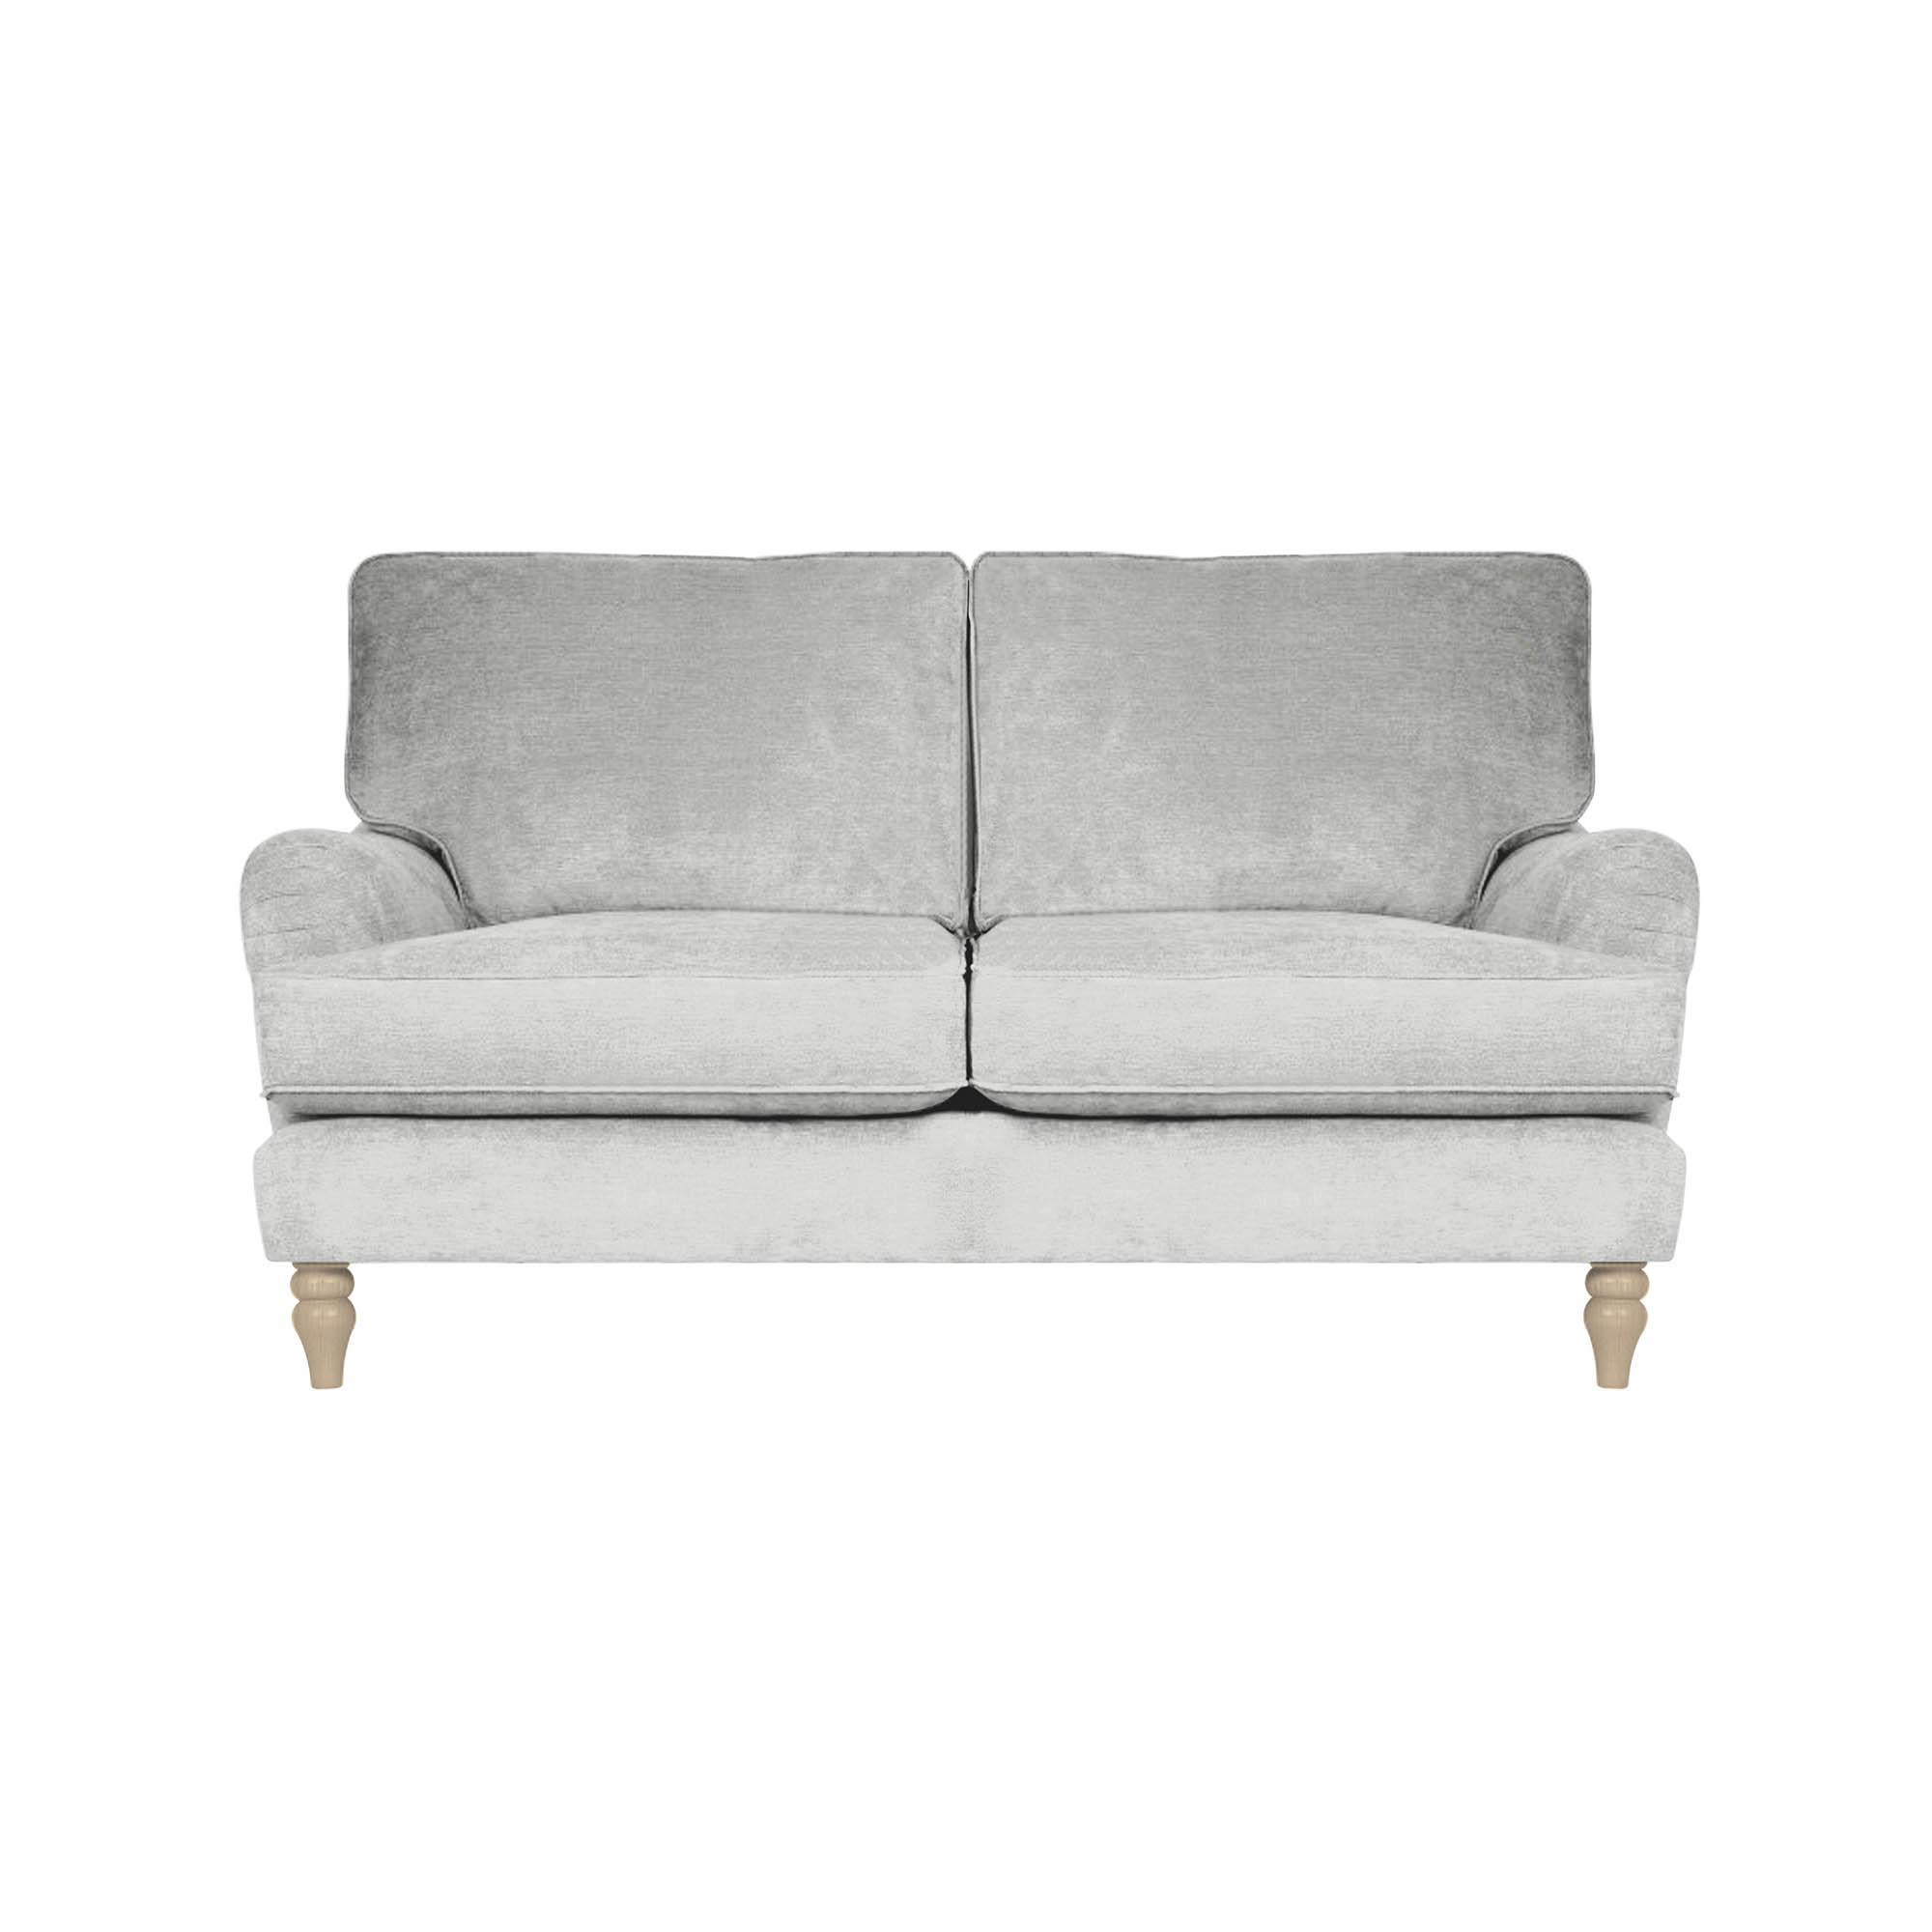 two seater sofa bella 2 seater sofa PODNXEQ